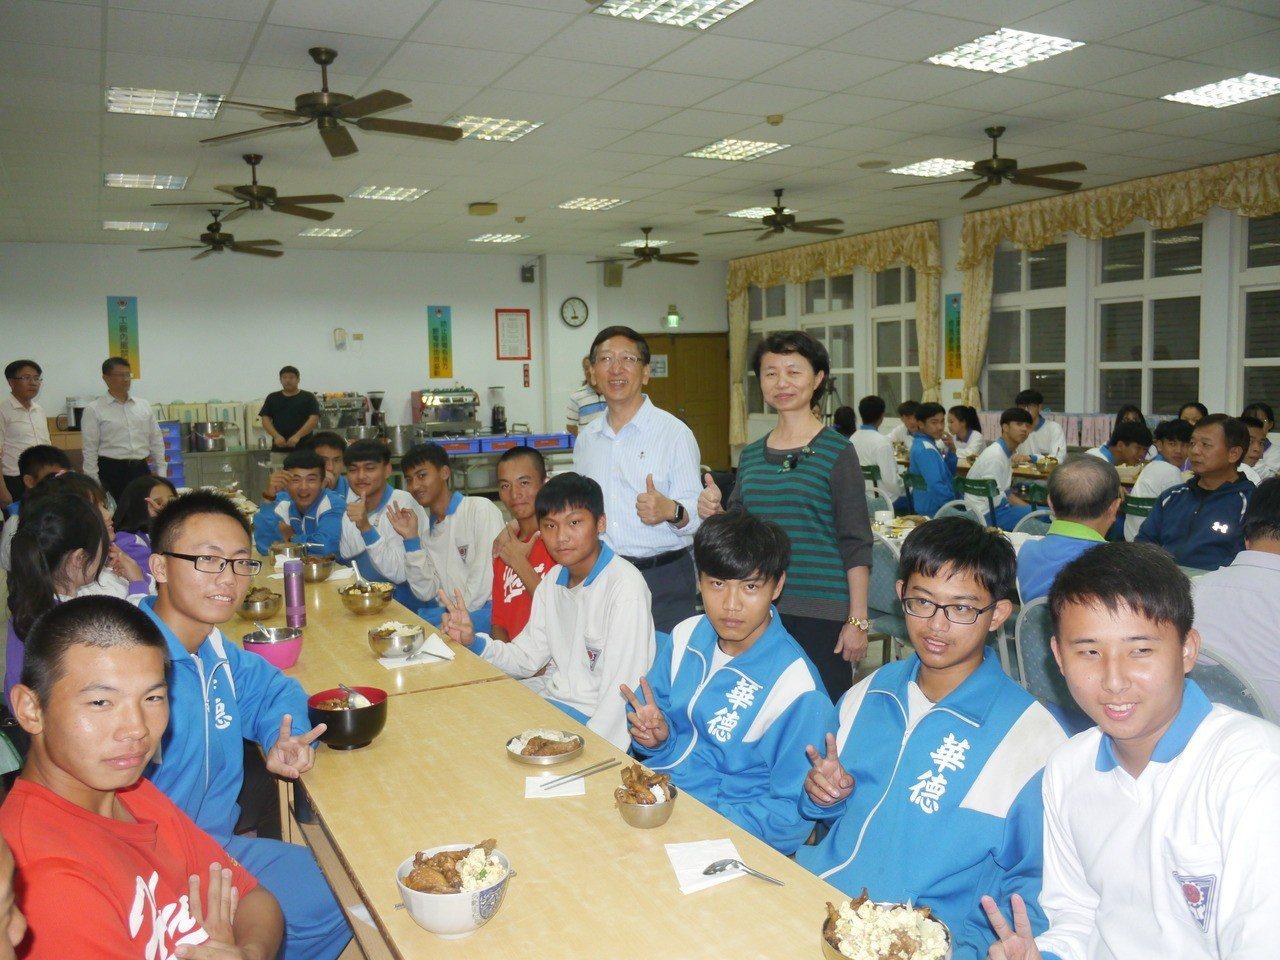 高市教育局長吳榕峯與華德工家的住宿生一起用餐。記者徐白櫻/攝影